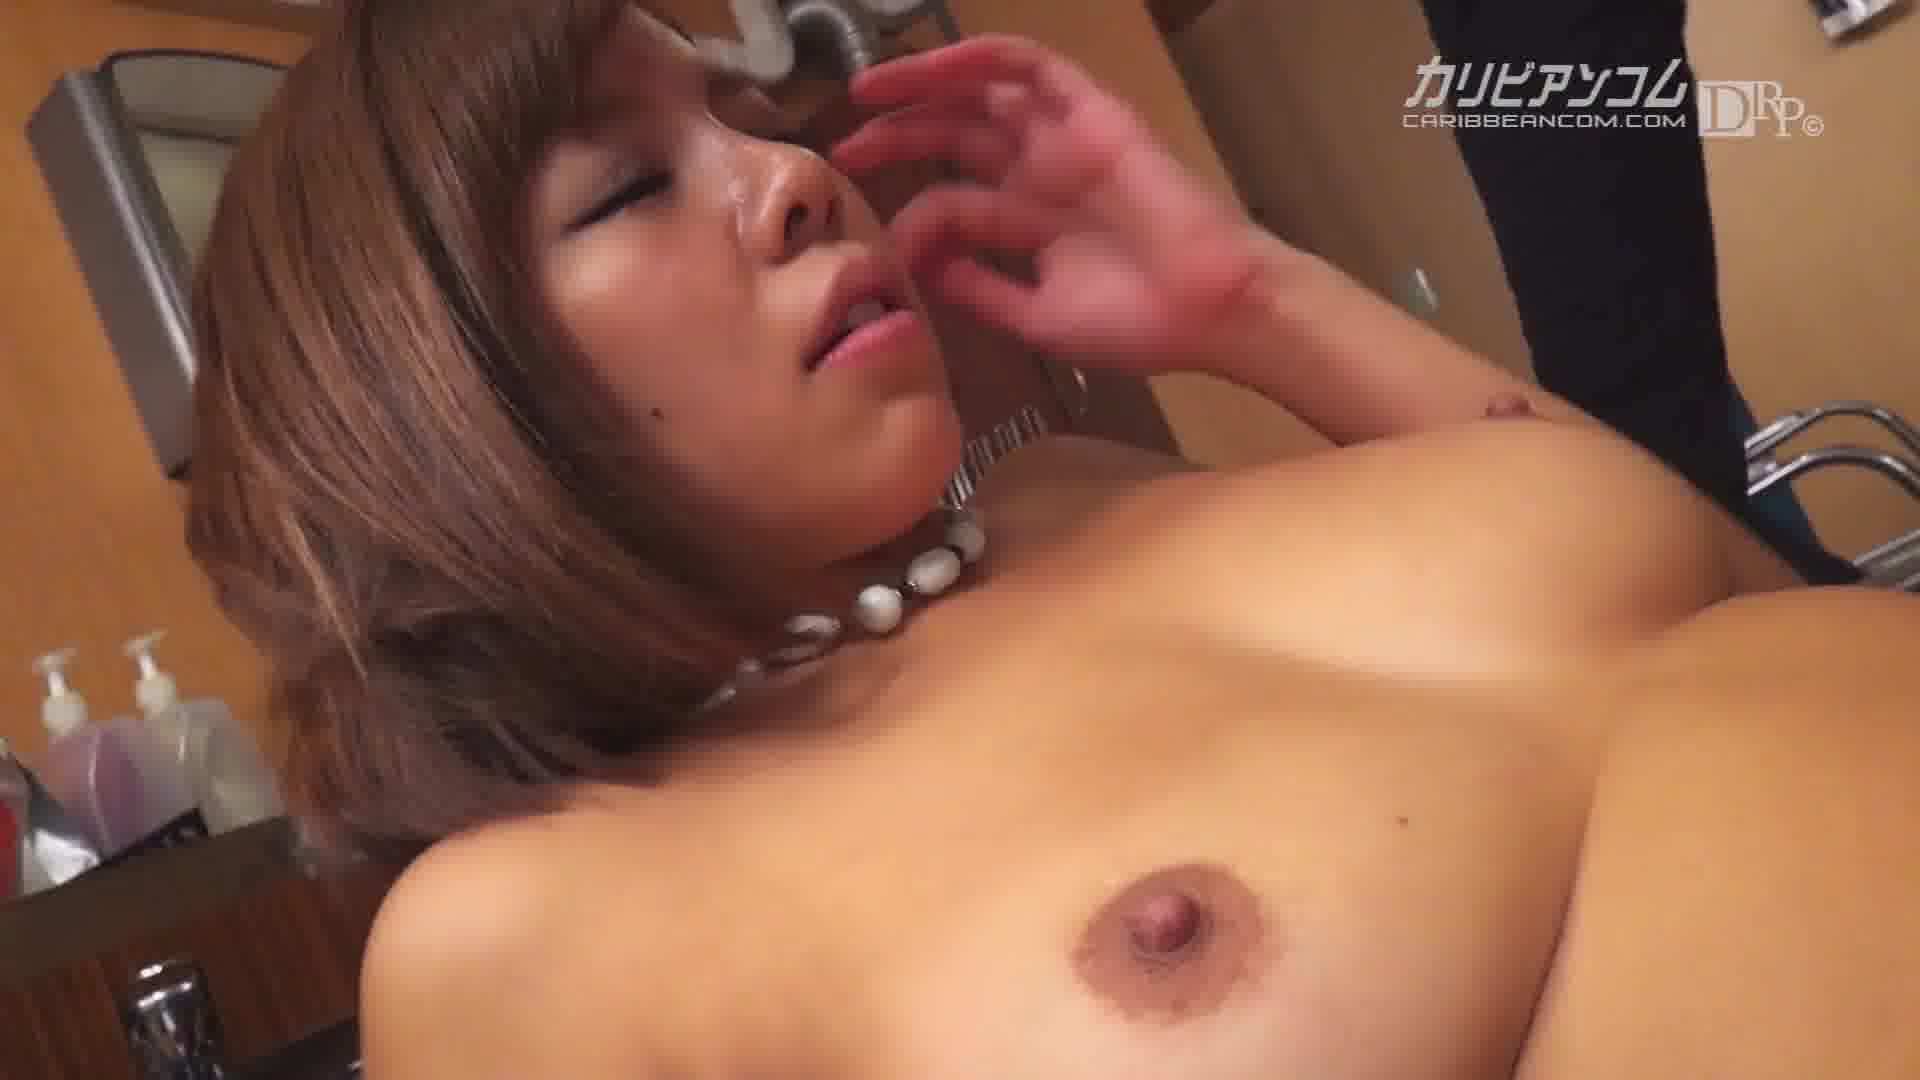 ワーキングおっぱい過失乳 ~美容師編~ - 西条沙羅【巨乳・パイズリ・潮吹き】